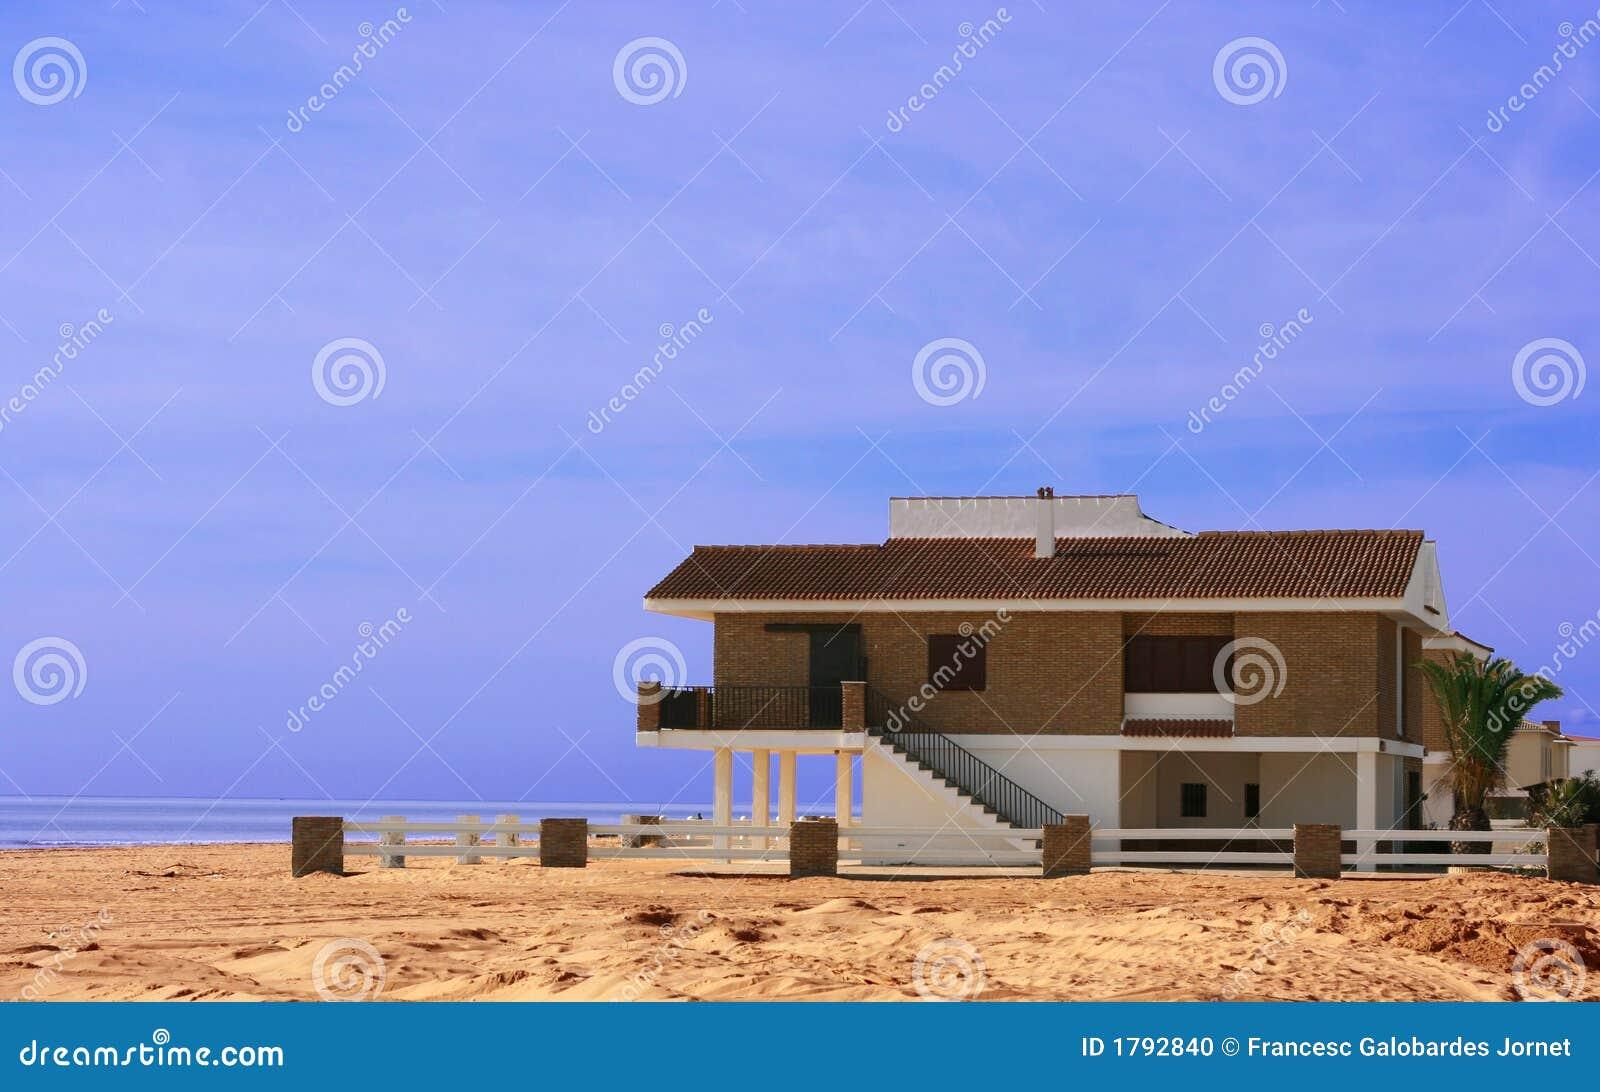 Casa de playa que se sienta en la arena foto de archivo for Arena de playa precio